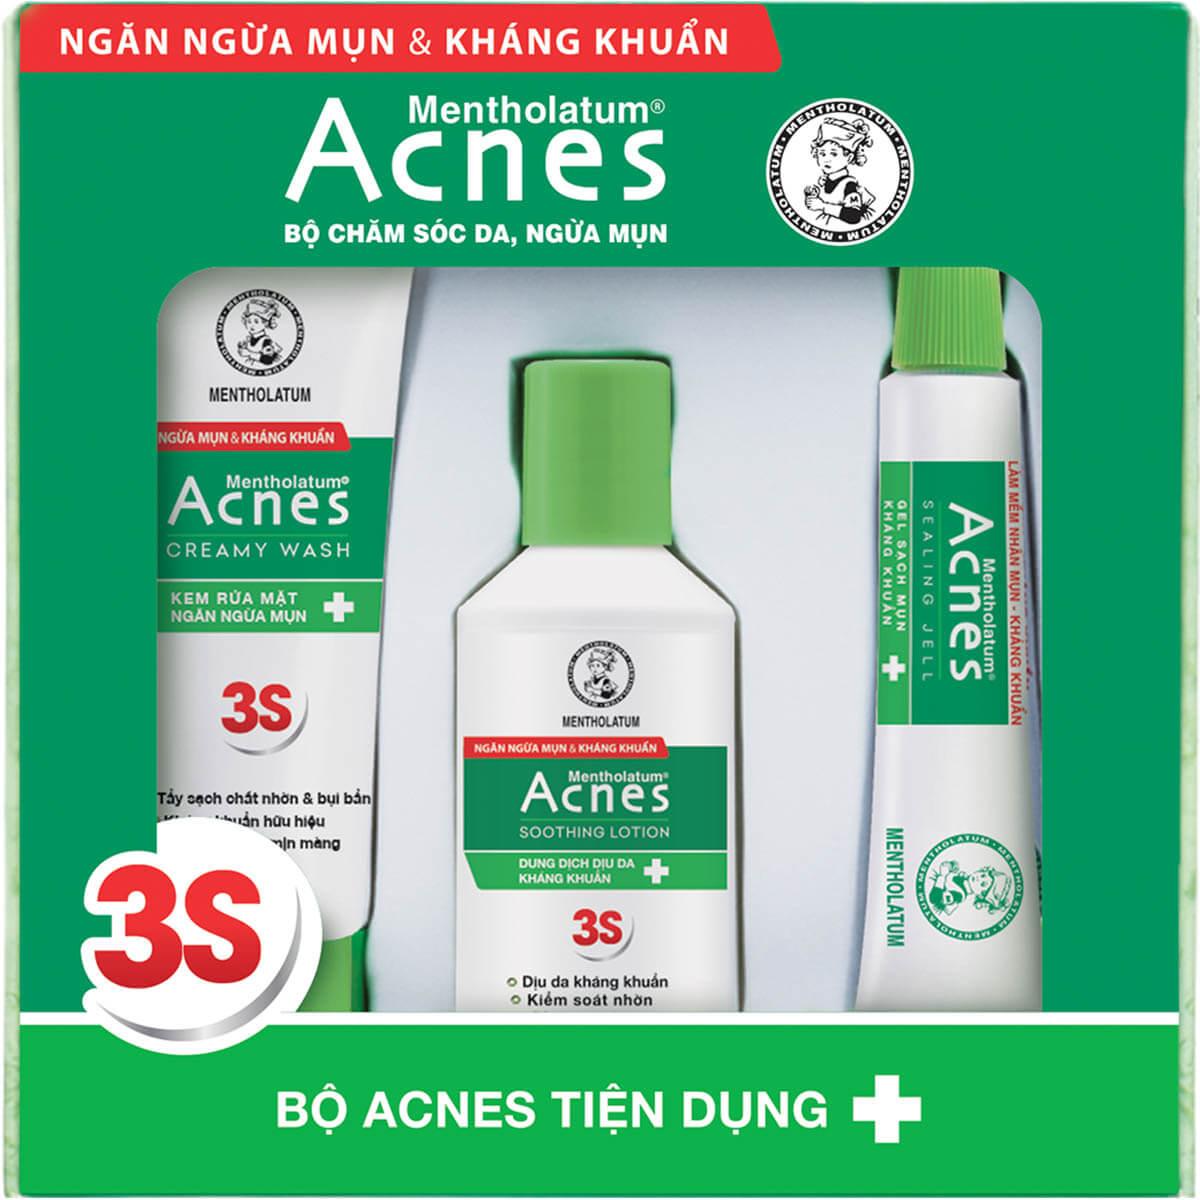 Bộ sản phẩm Acnes tiện dụng - Acnes Trial Set nhỏ gọn